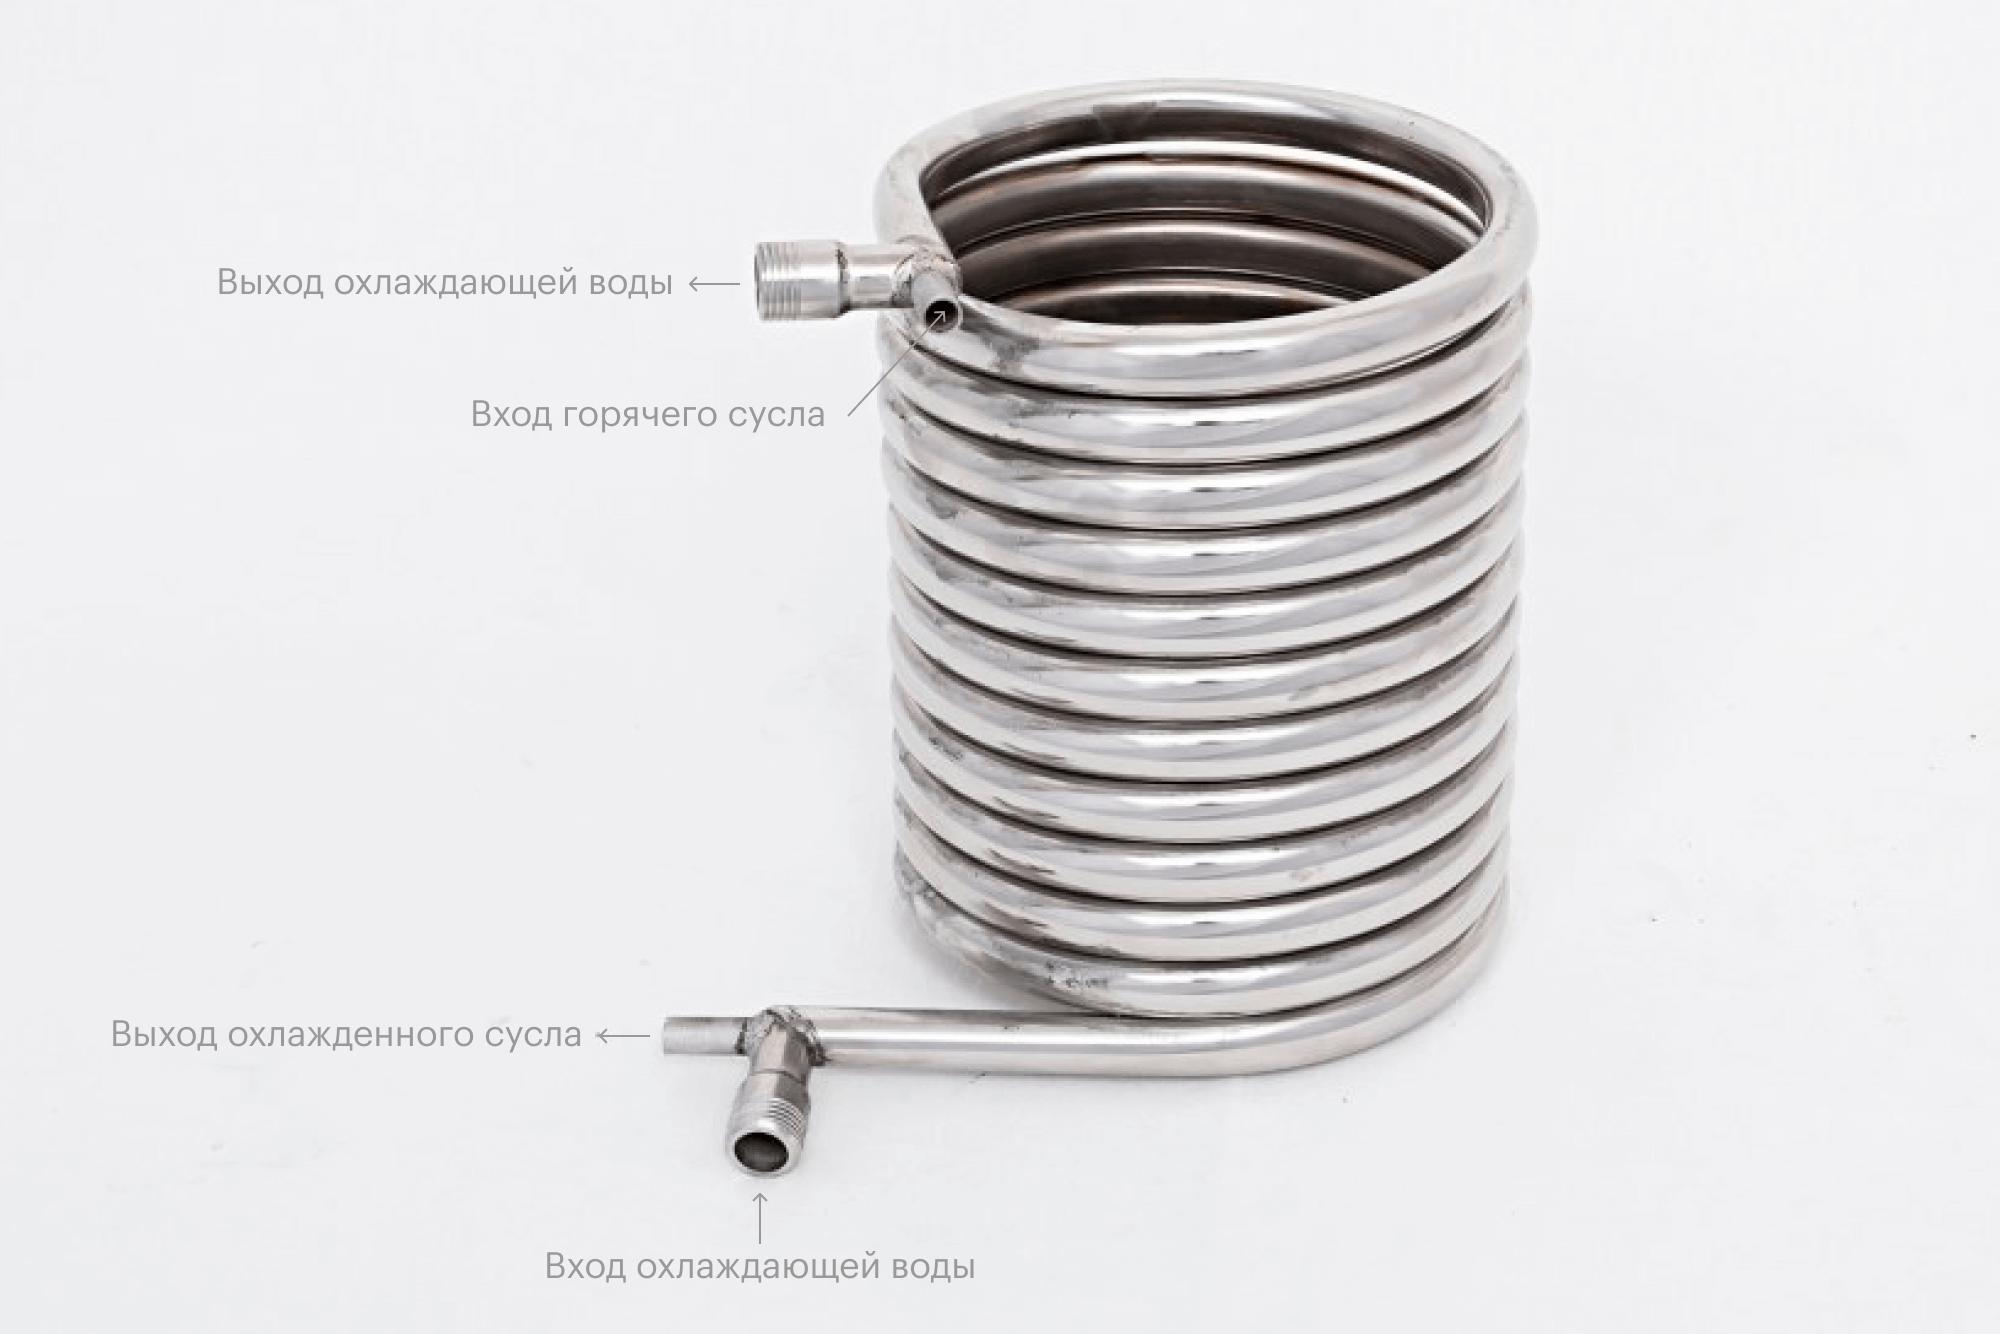 Более эффективный вариант чиллера — противоточный, труба в трубе. Длядезинфекции необходимо насосом прогнать обеззараживающую жидкость — об этом далее — по внутреннему контуру чиллера